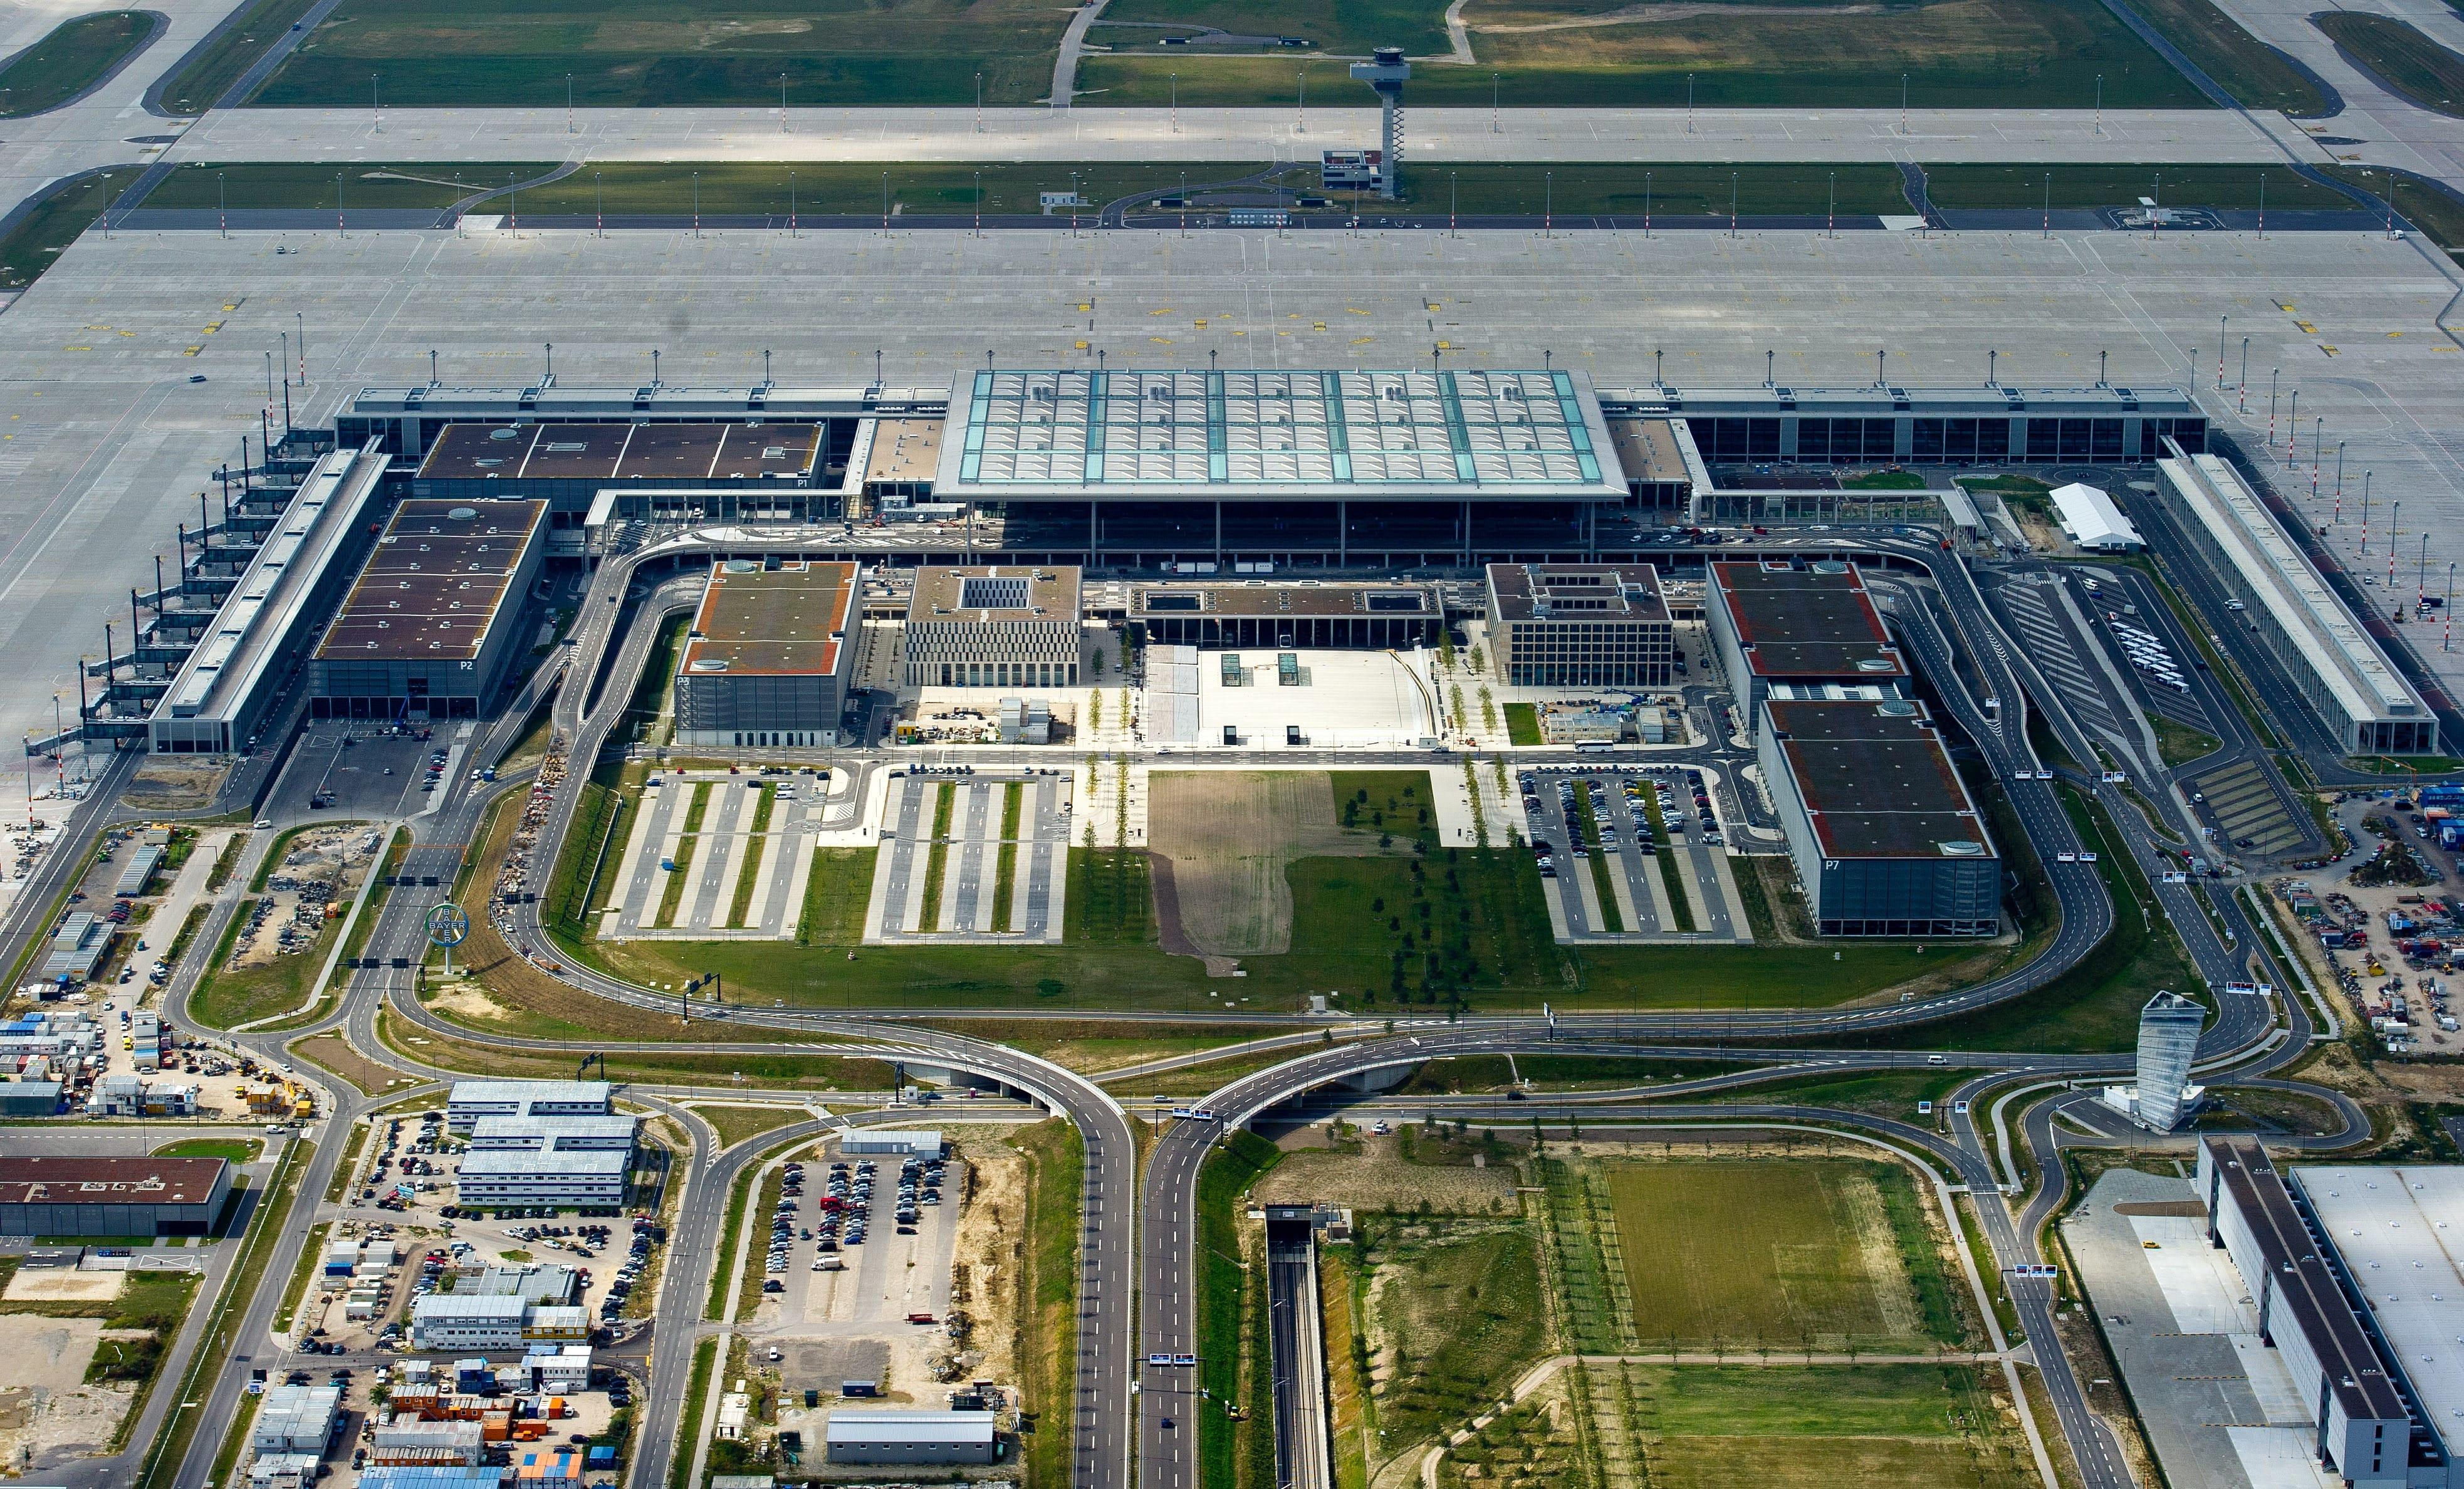 Aeroporto Berlino : Berlino luci dell aeroporto sempre accese sprecati